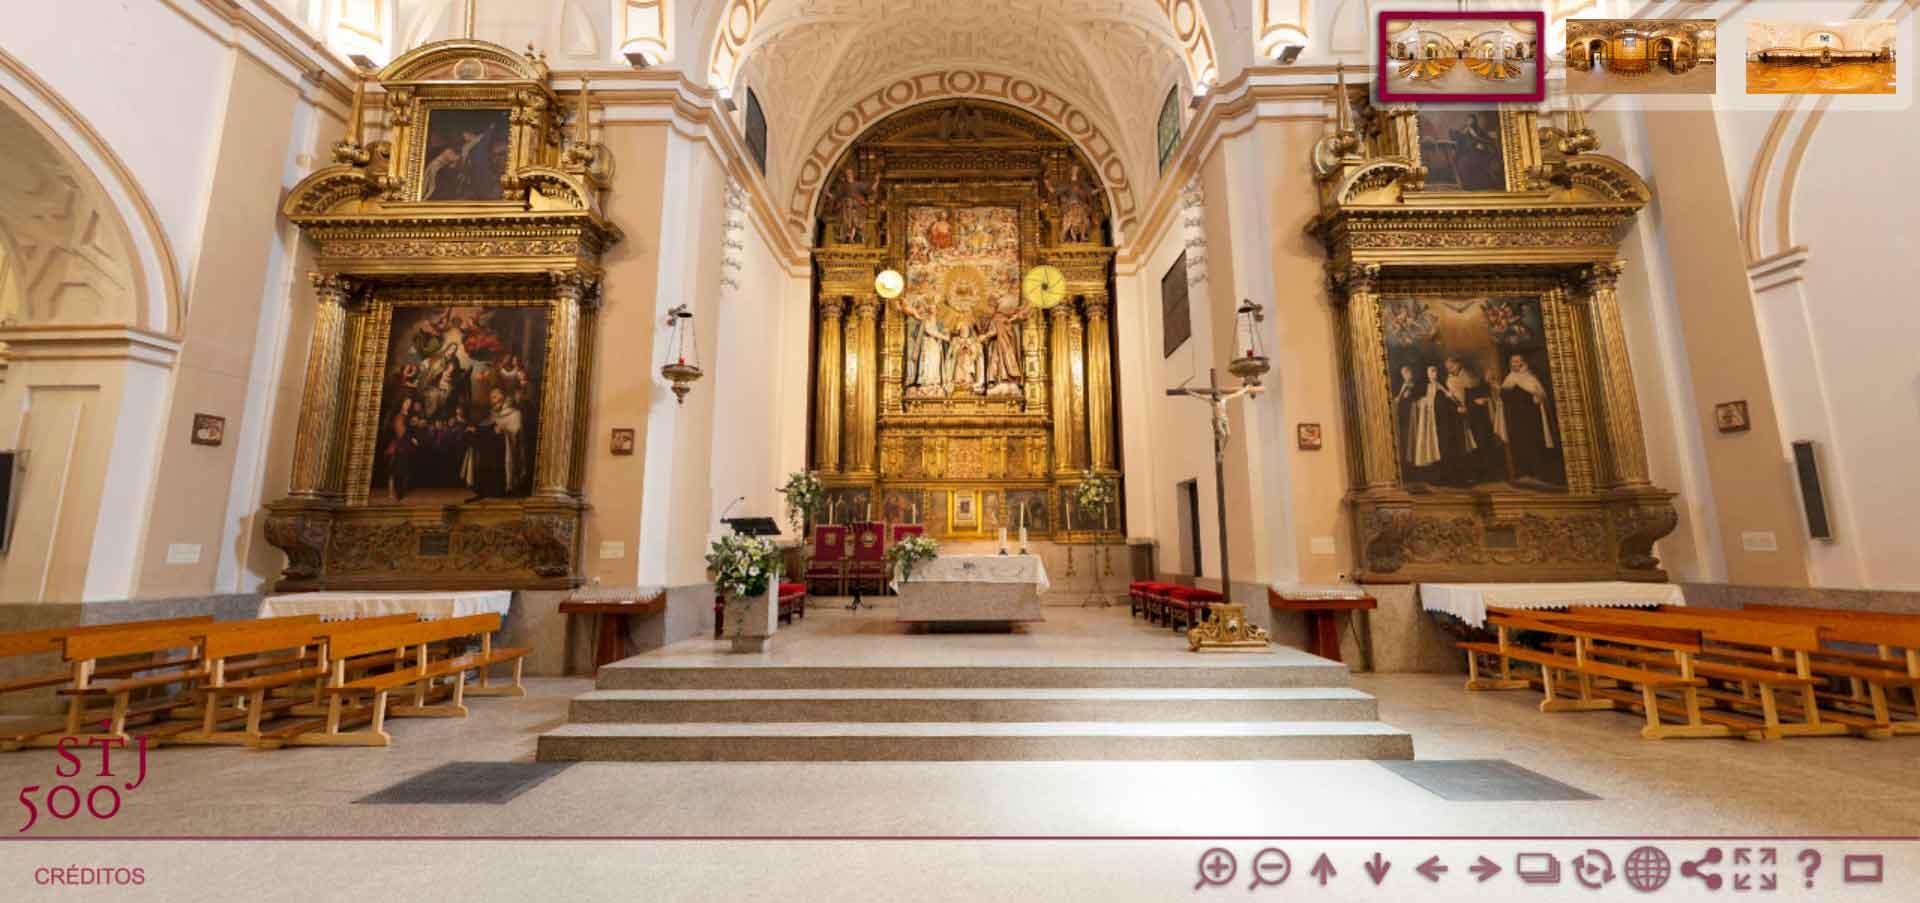 Visita virtual iglesia de Santa Teresa de Jesús en Ávila